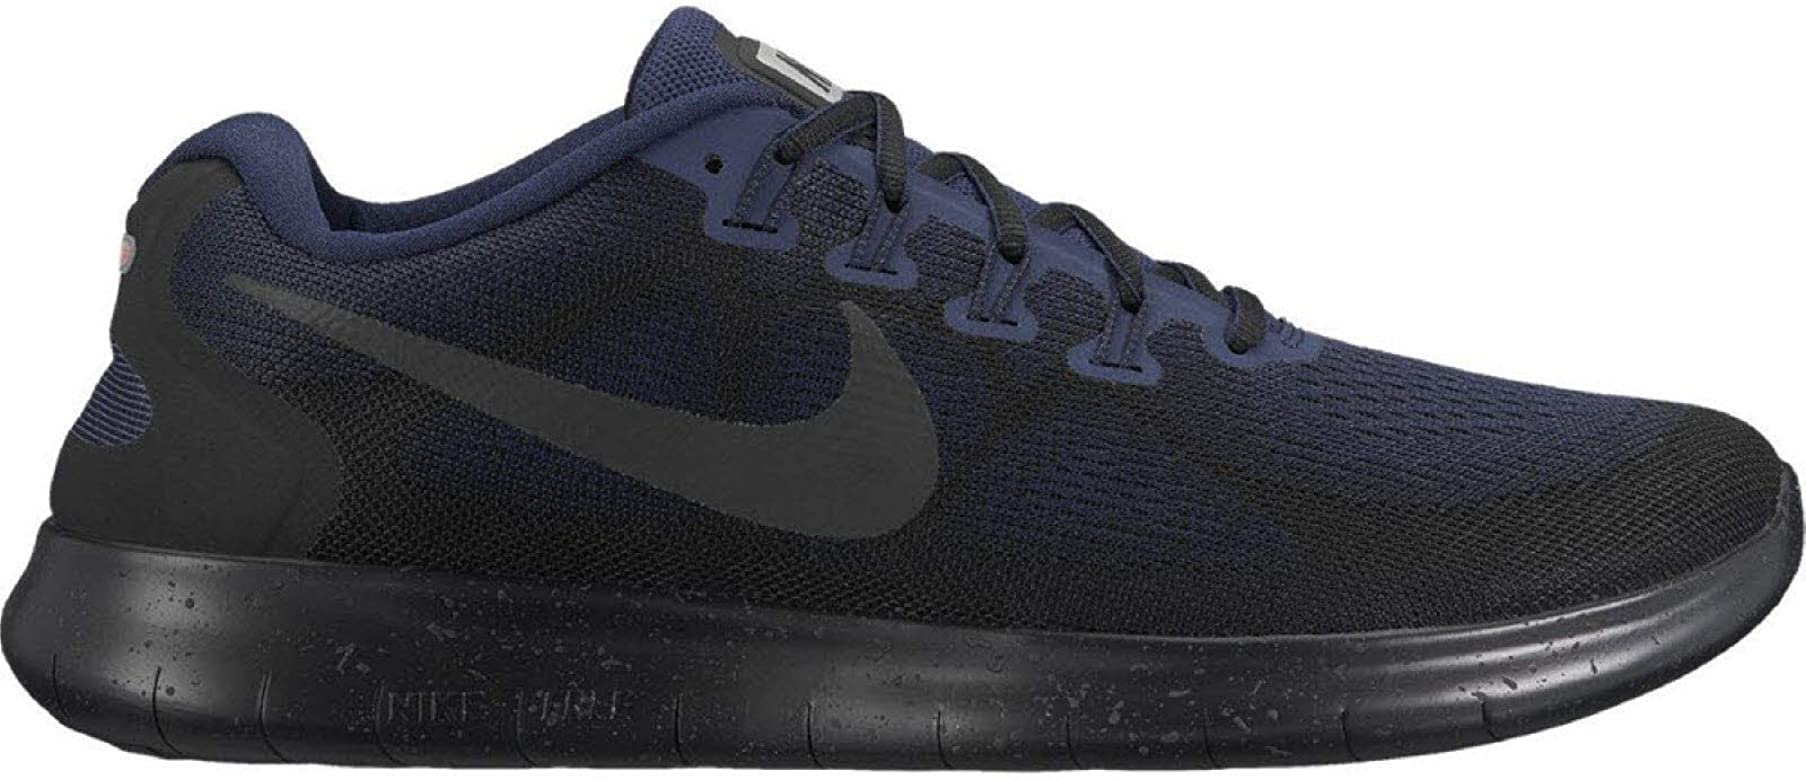 Nike Free Run 2017 Shield Unidad Guantes, Schwarz (Black/Obsidian ...